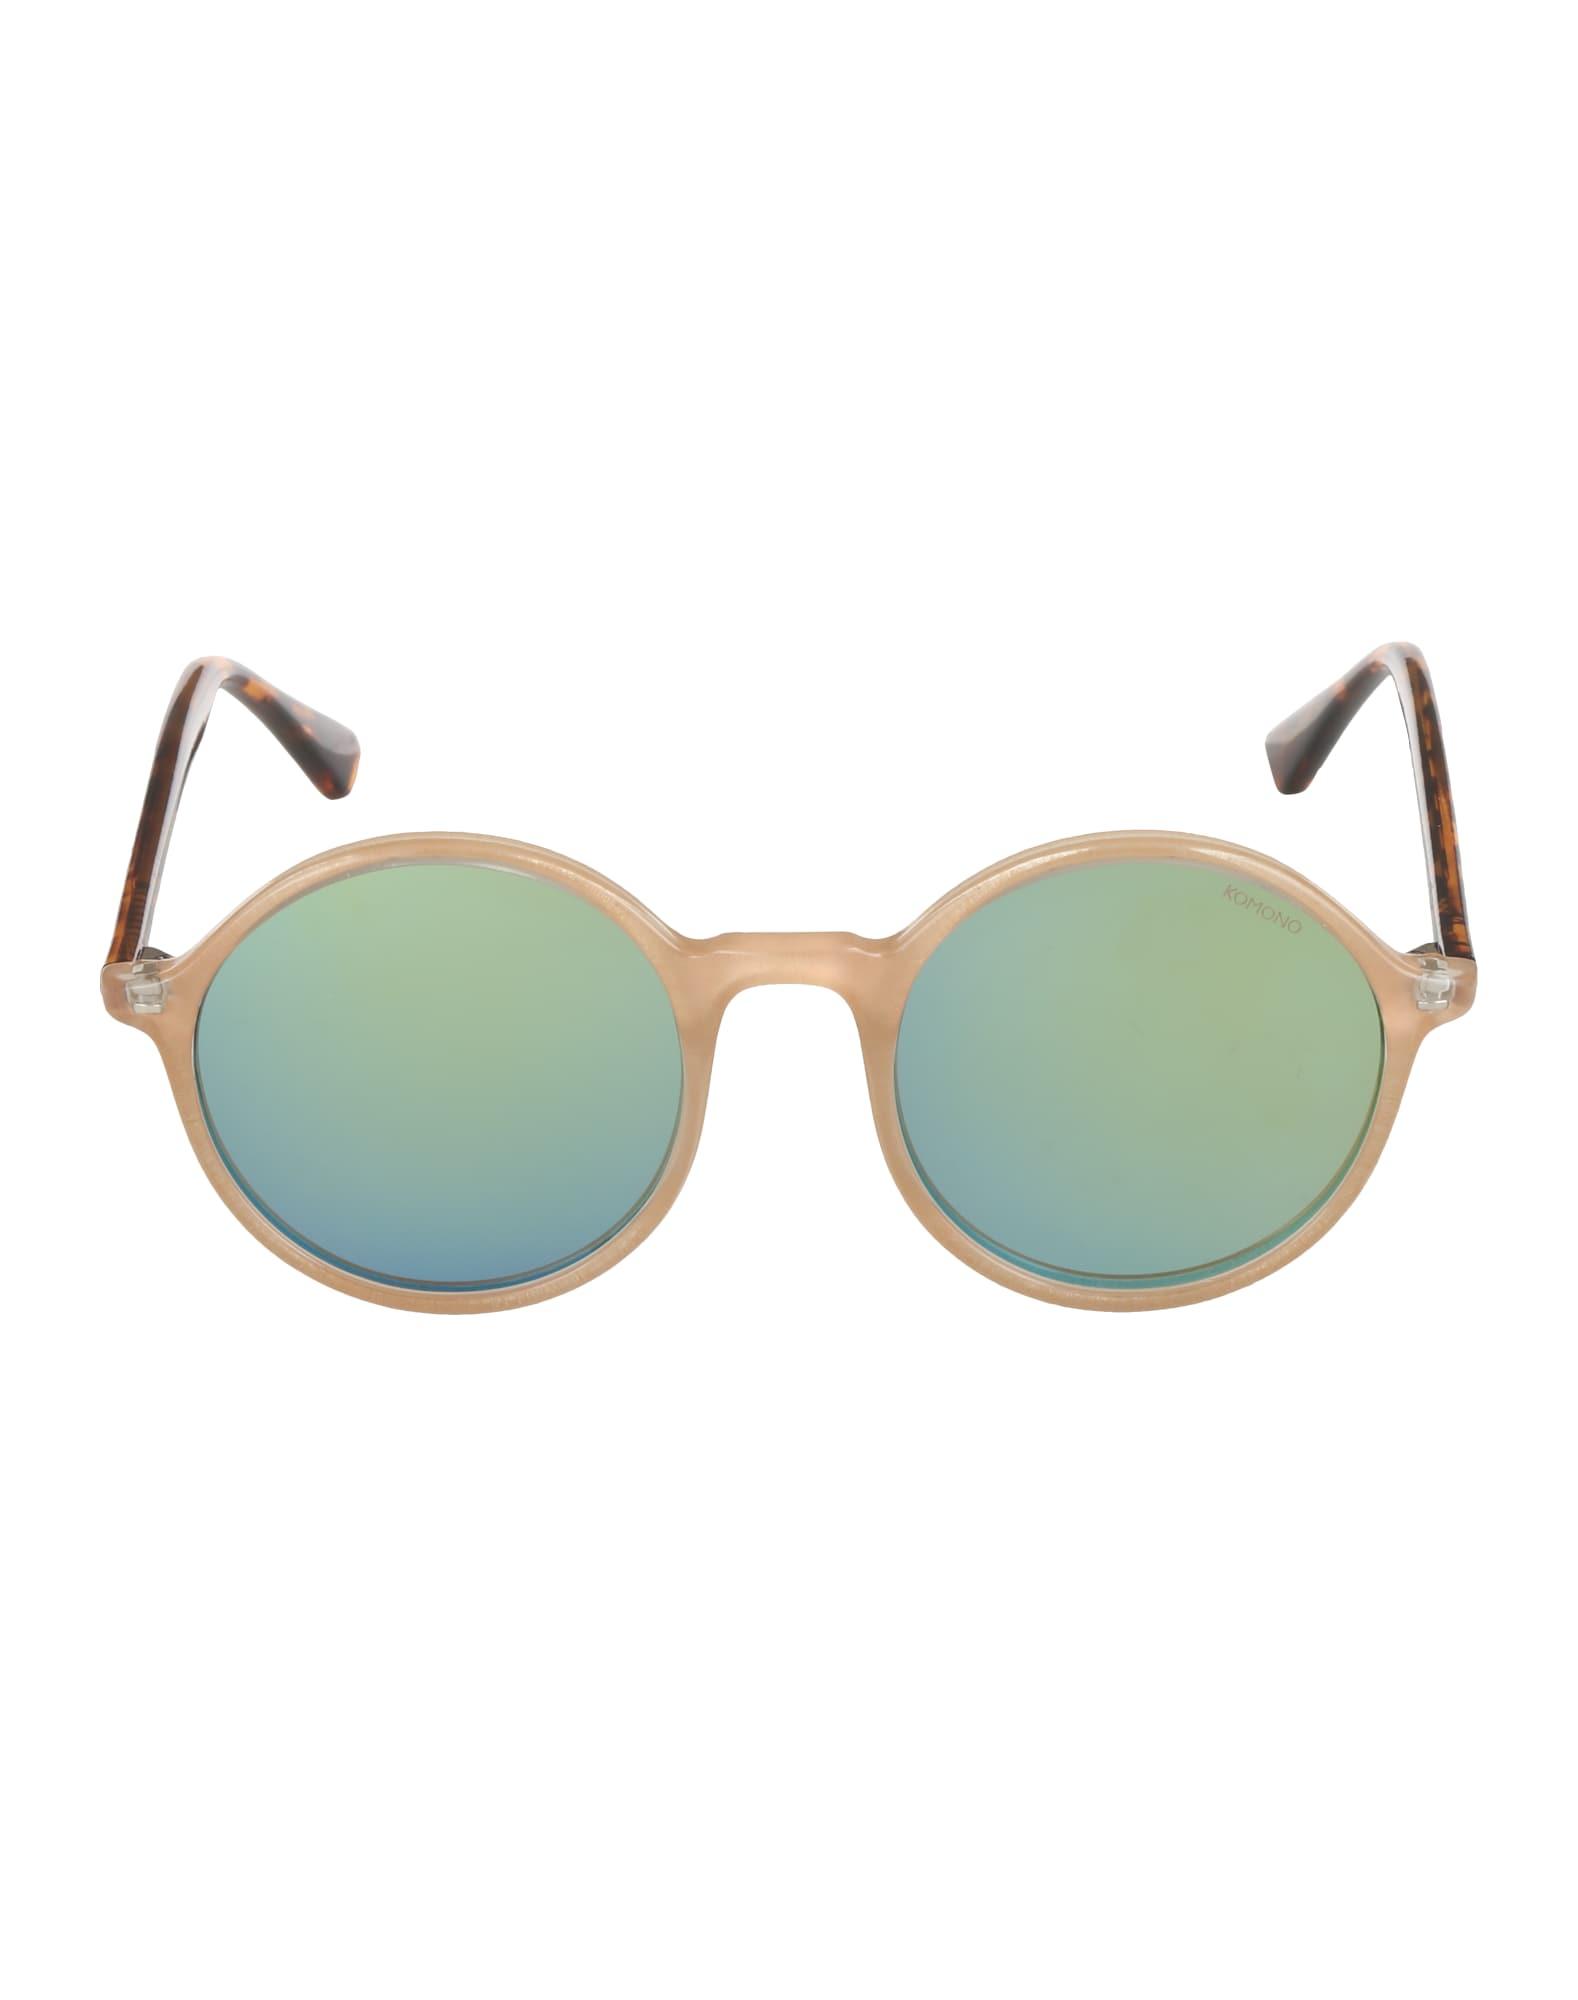 Sluneční brýle Madison béžová hnědá Komono